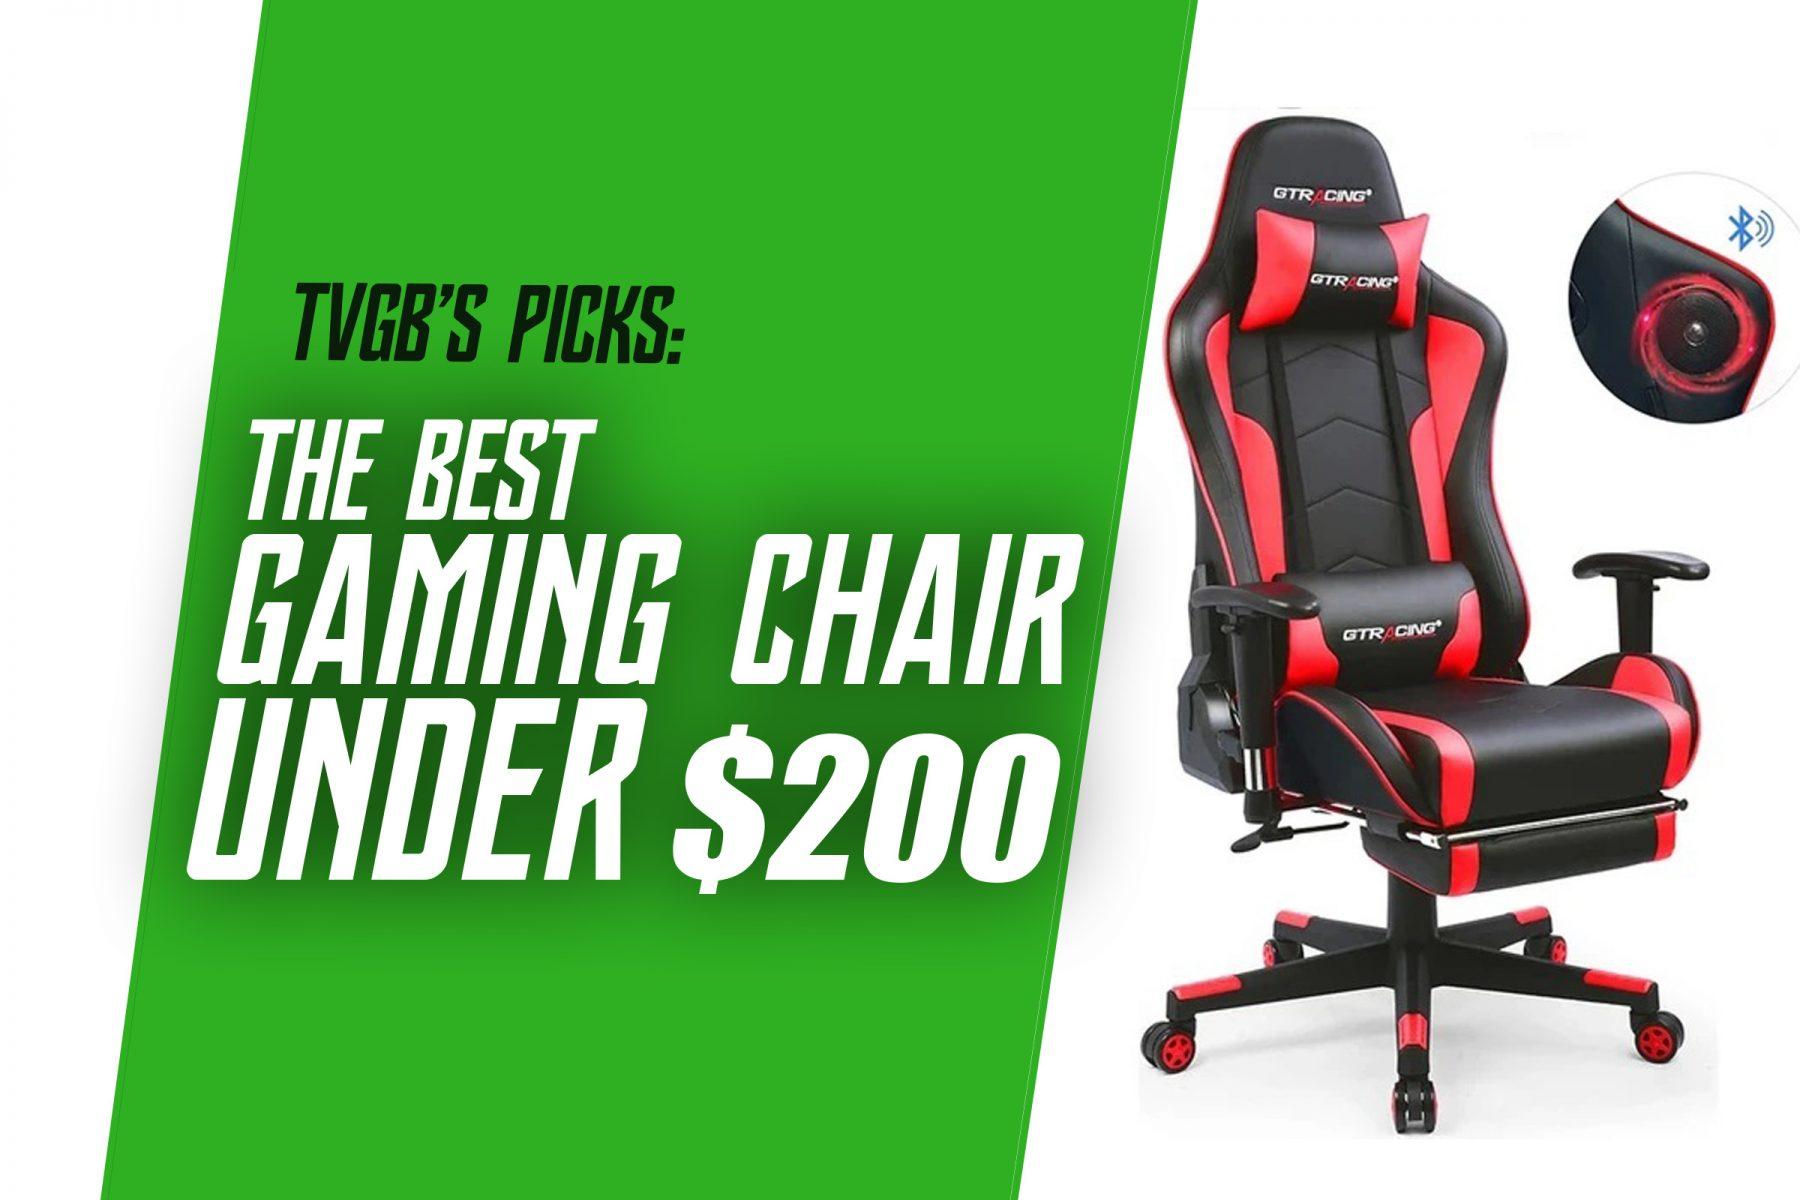 best gaming chair under 200 header image